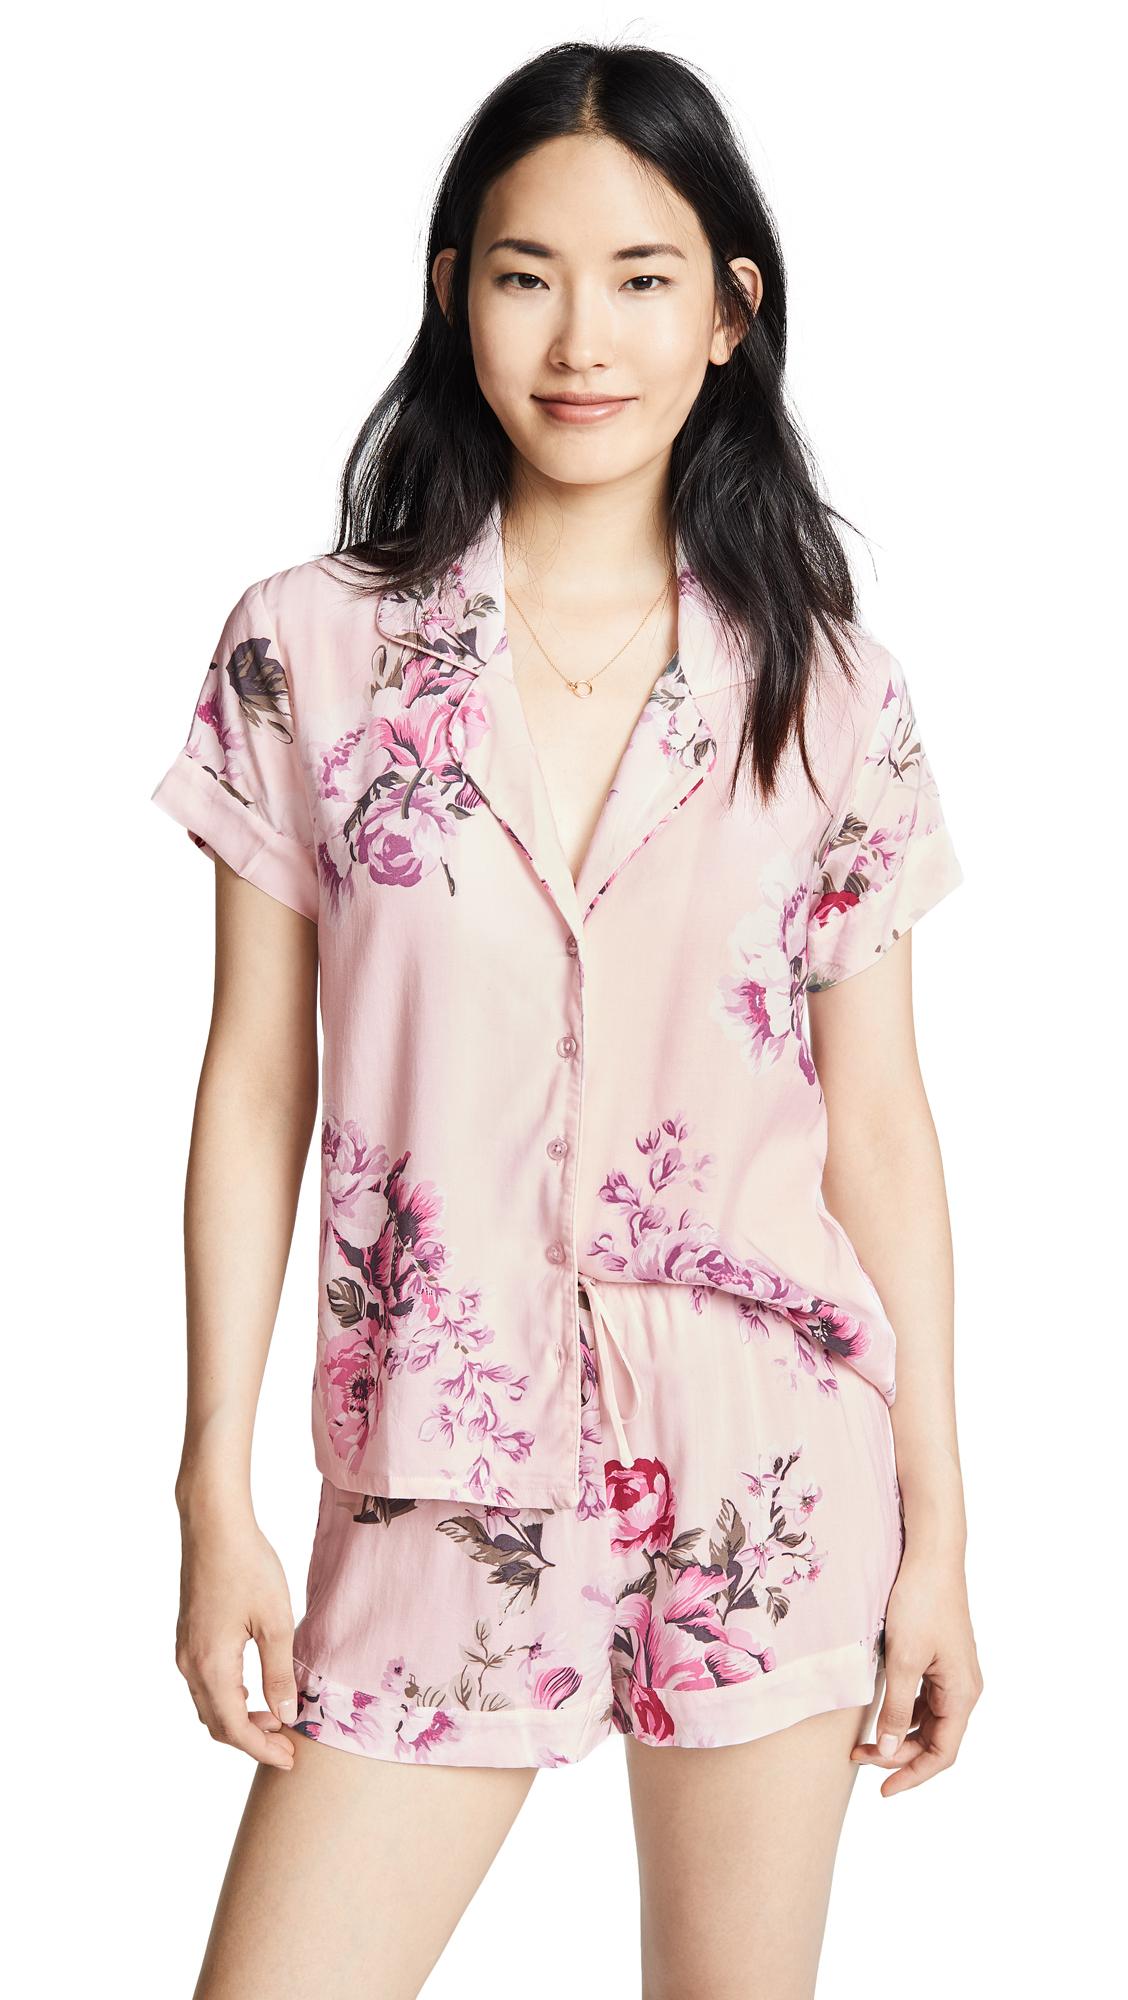 8ecfb8ed006 Yumi Kim Shorts - Buy Best Yumi Kim Shorts from Fashion Influencers ...